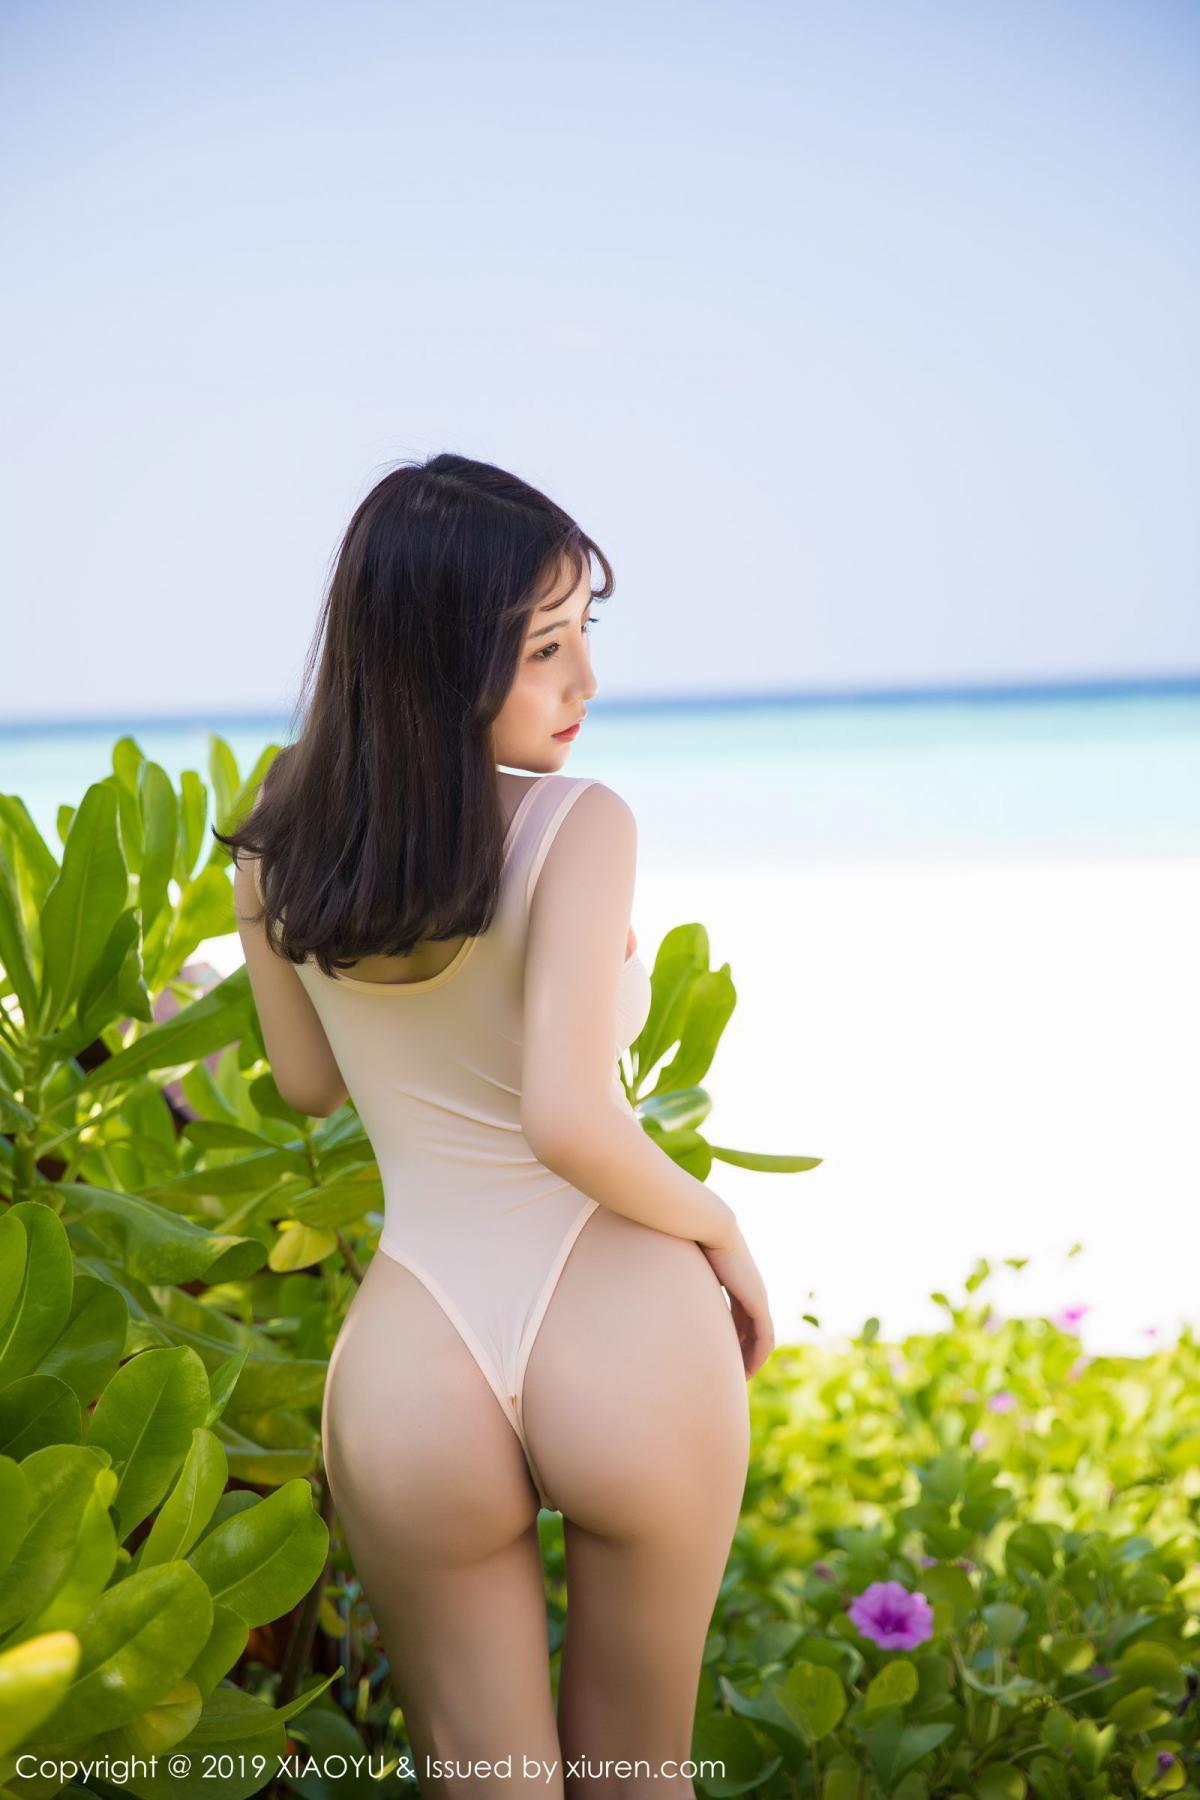 [XiaoYu] Vol.155 Xie Zhi Xin 26P, Bathroom, Big Booty, Wet, XiaoYu, Xie Zhi Xin